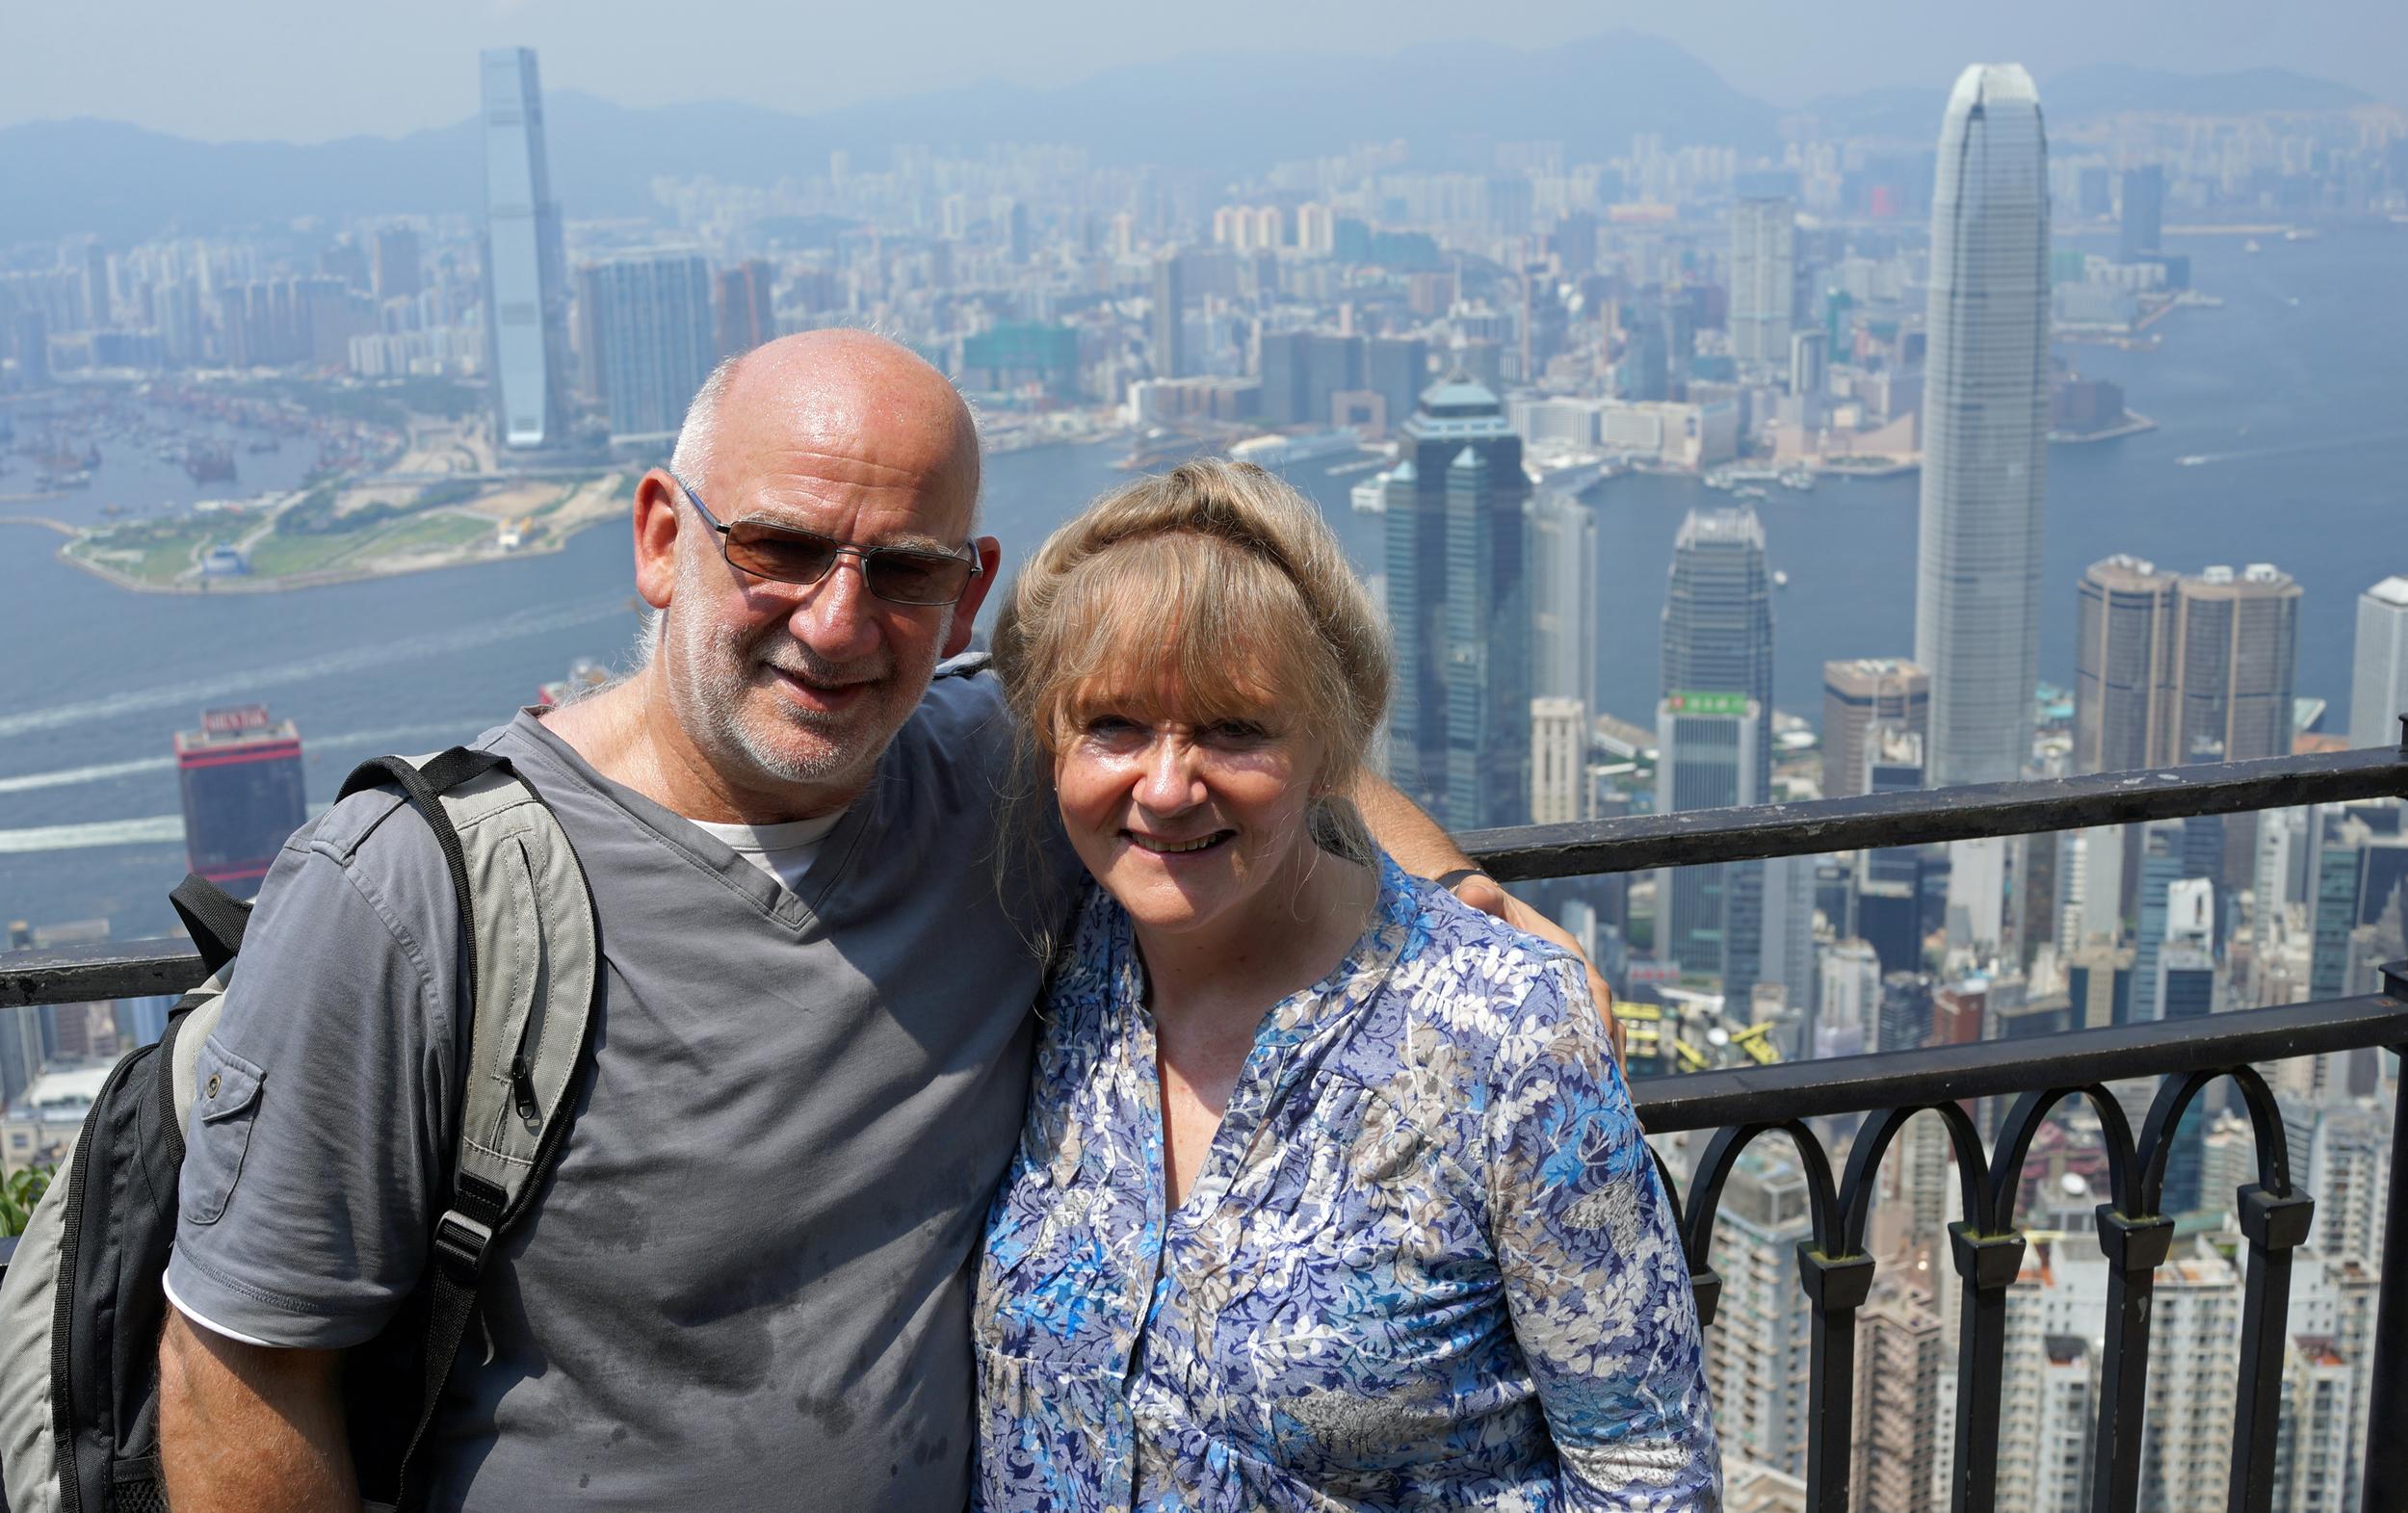 Meet Jill an eminent Doctor and Allan an eminent Artist from Scotland enjoying the brilliant views from my spot at Victoria Peak.